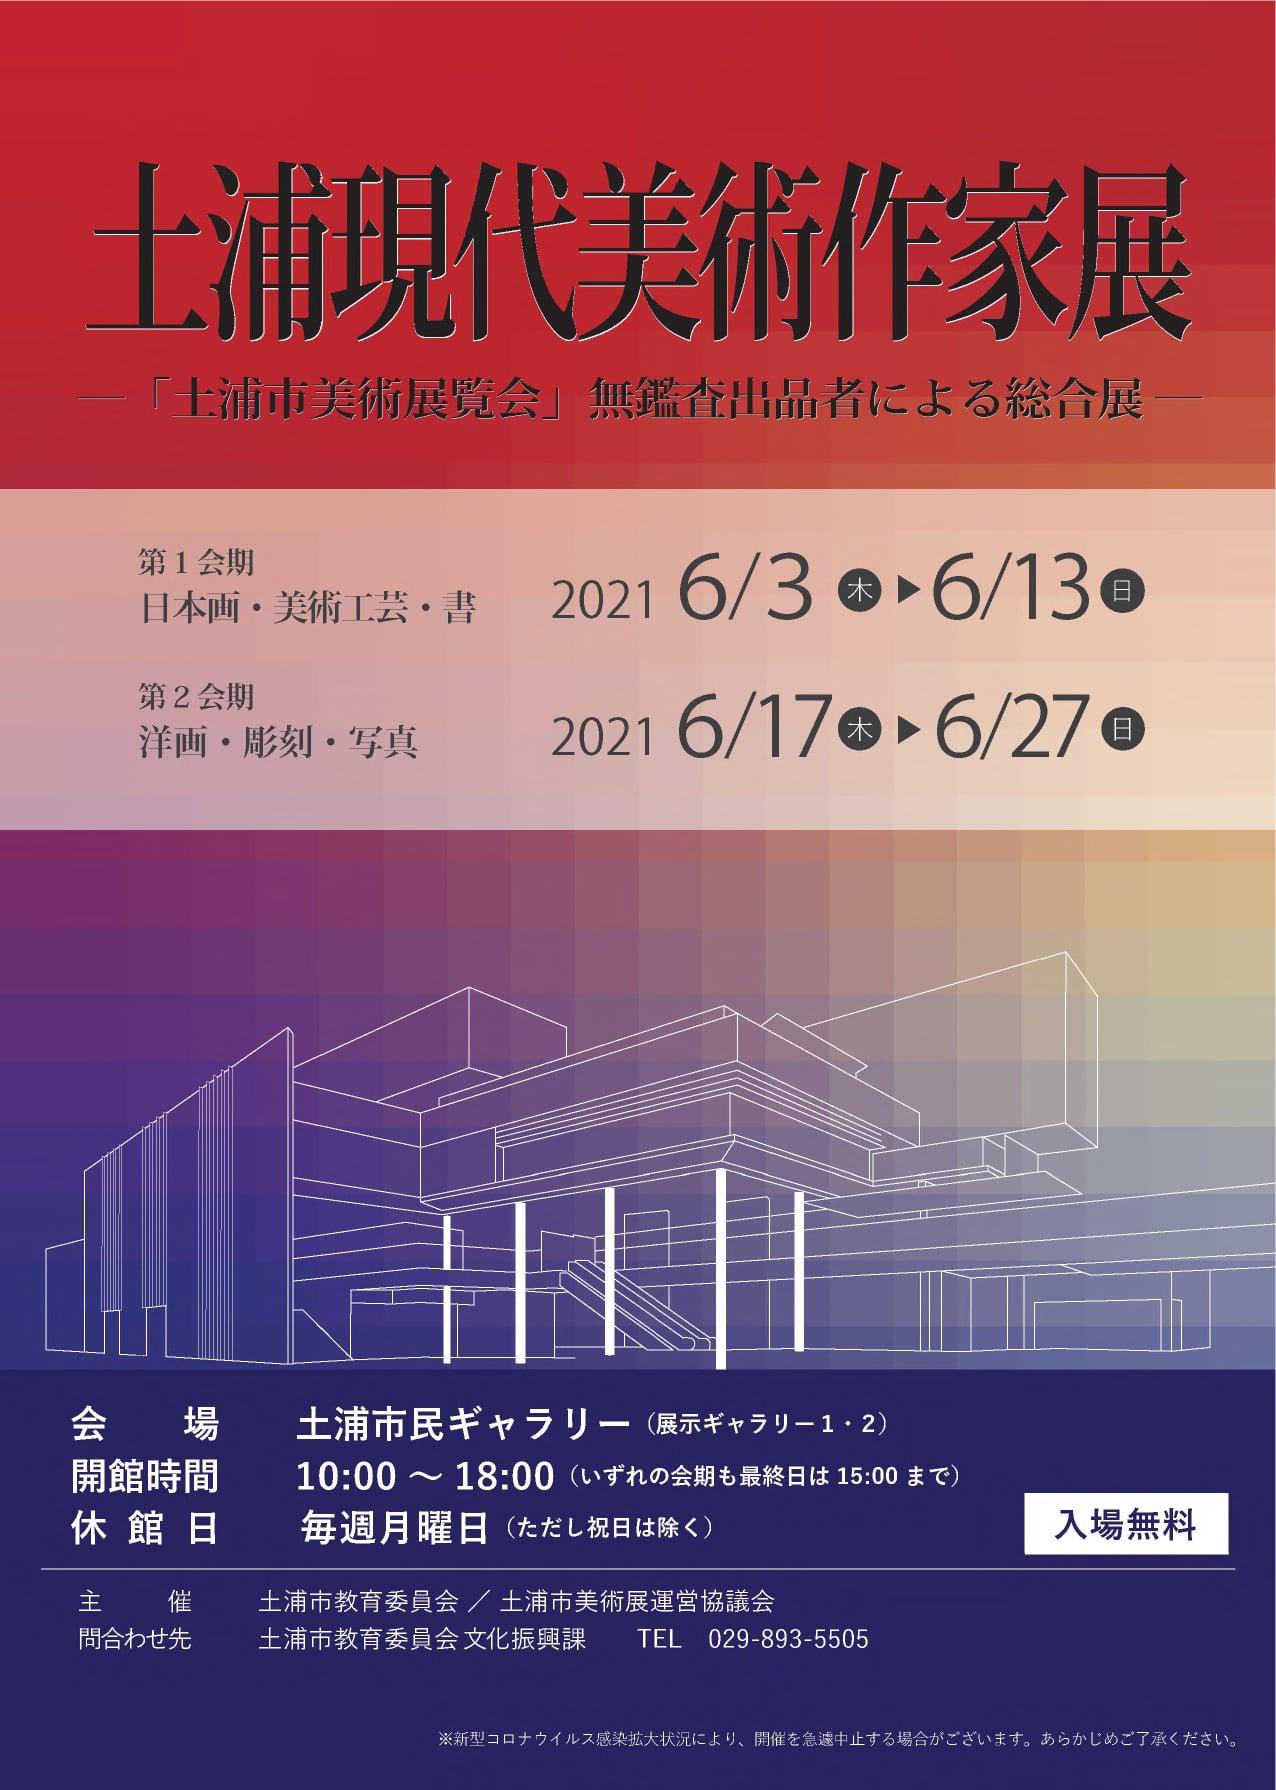 「土浦現代美術作家展」を開催中です!page-visual 「土浦現代美術作家展」を開催中です!ビジュアル